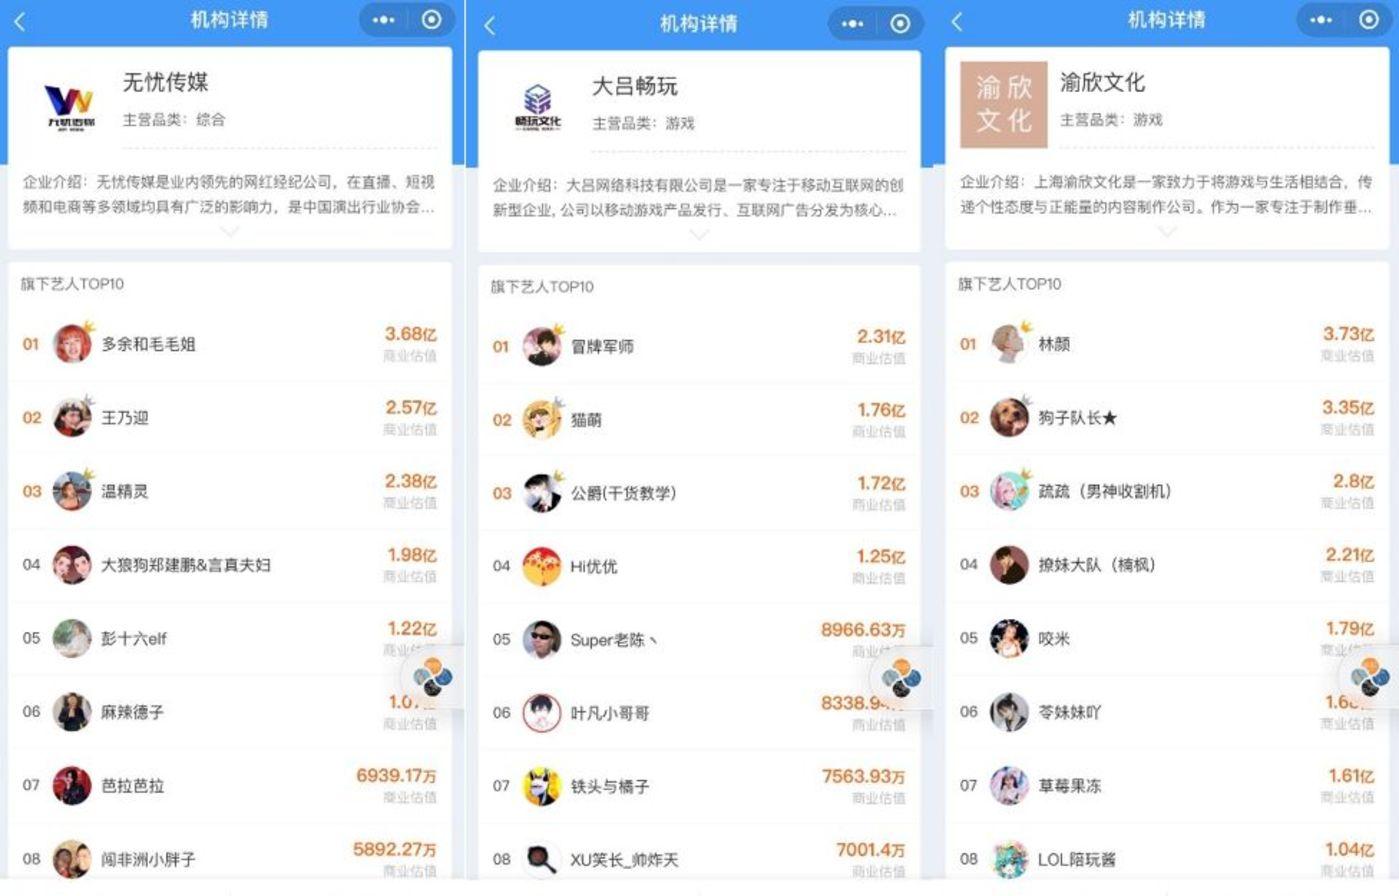 2020抖音MCN机构地图:揭秘中国网红江湖权力中心